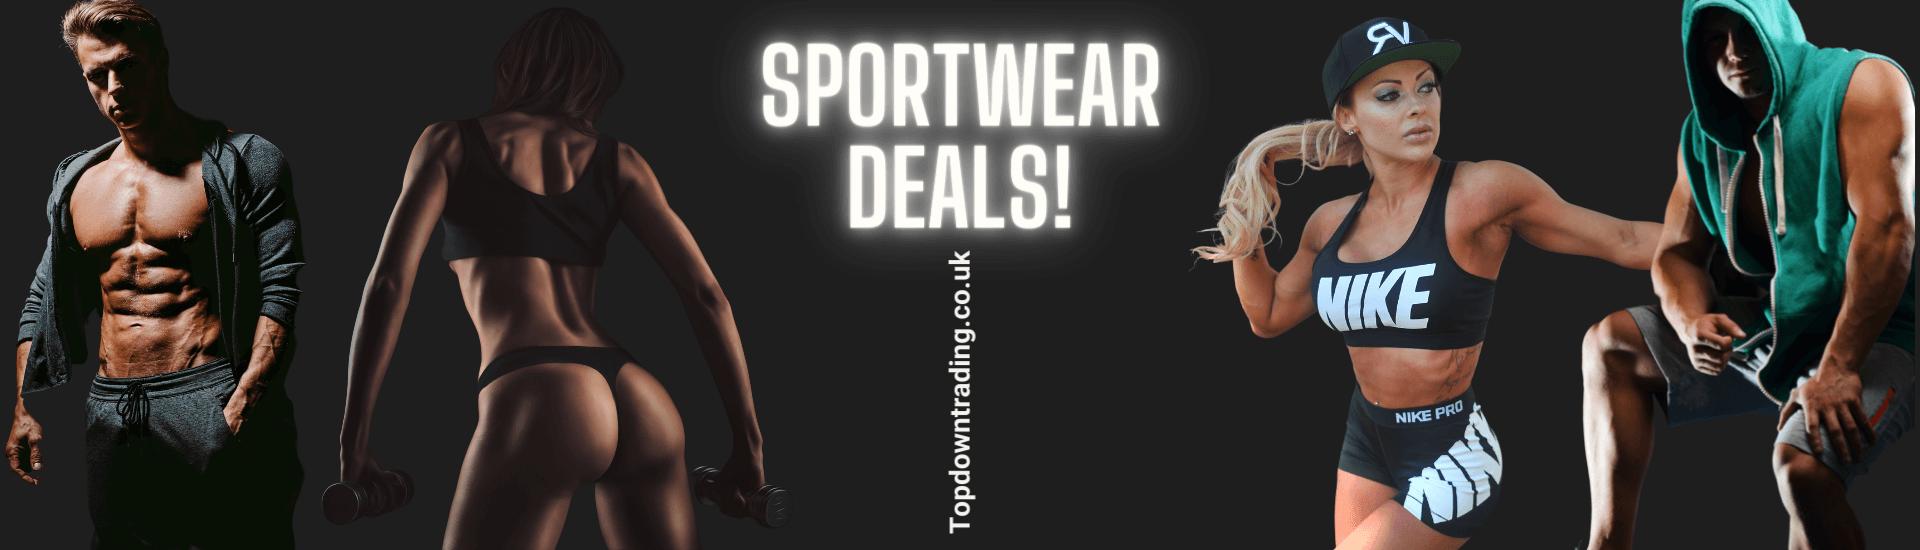 Wholesale Sportswear Deals!